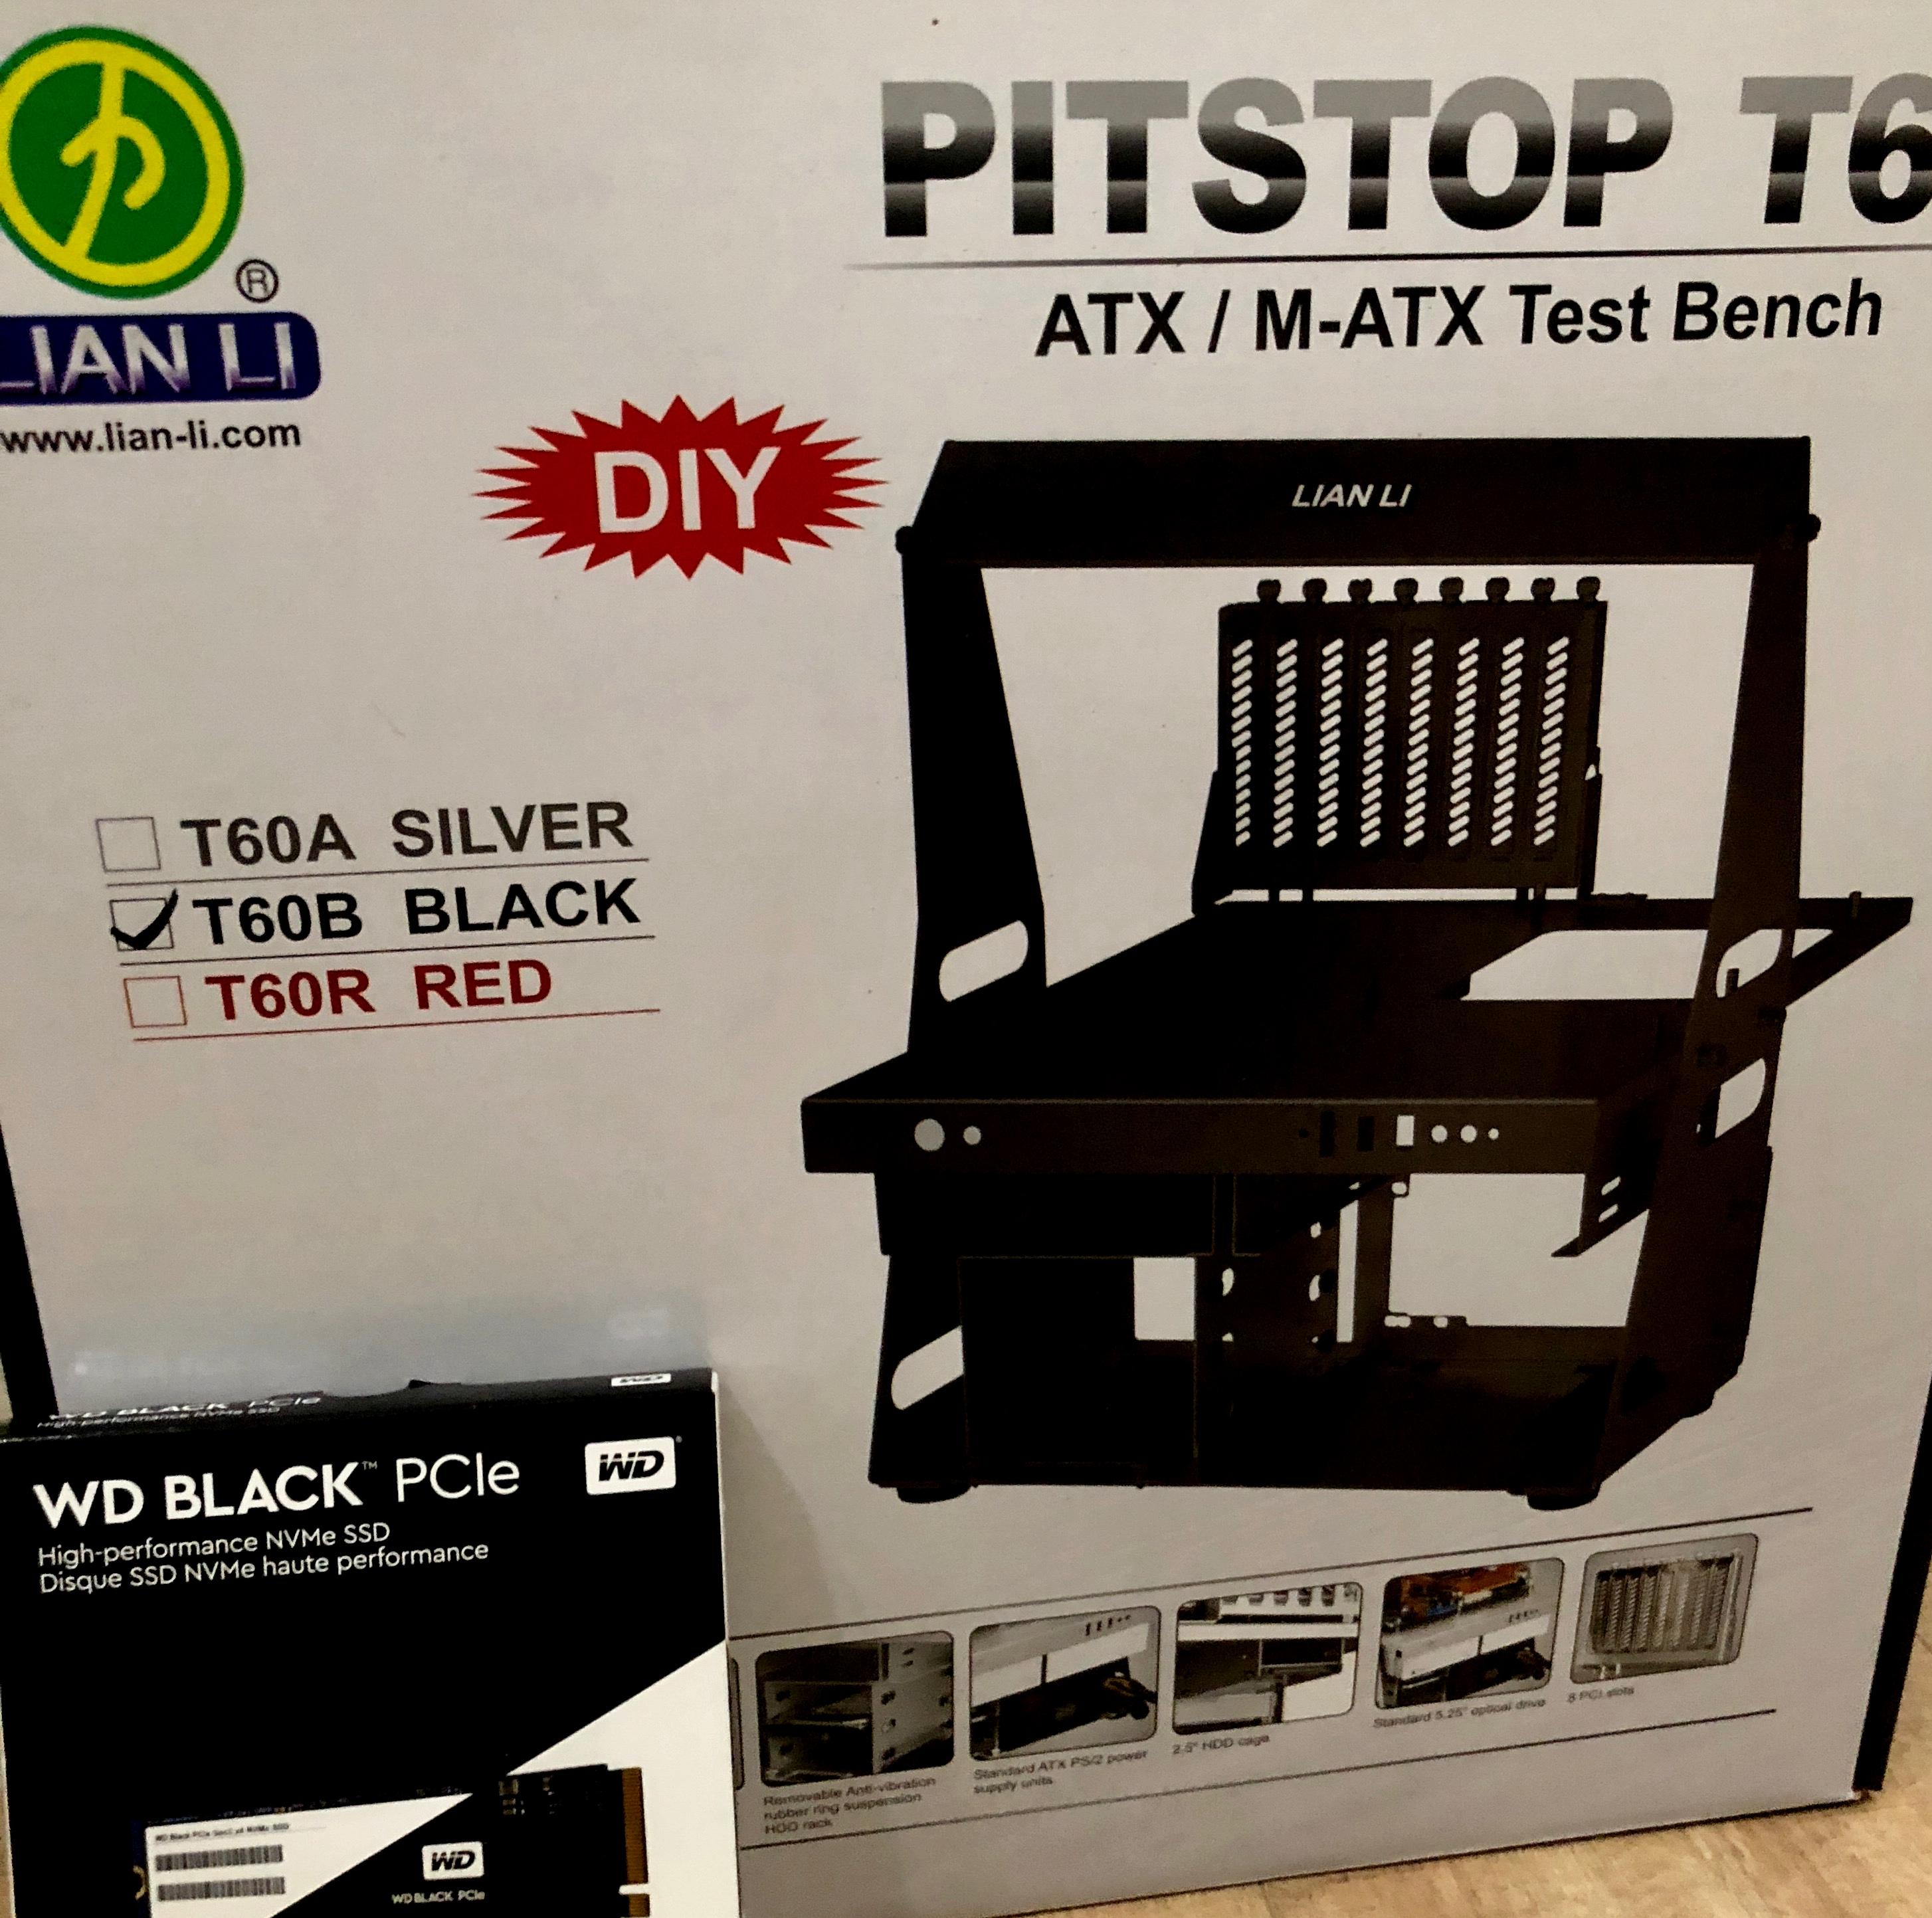 Lian Li PC-T60B ATX/Micro ATX Test Bench og WD Black 512GB Performance SSD - 8 Gb/s M.2 2280 PCIe NVMe mottatt.